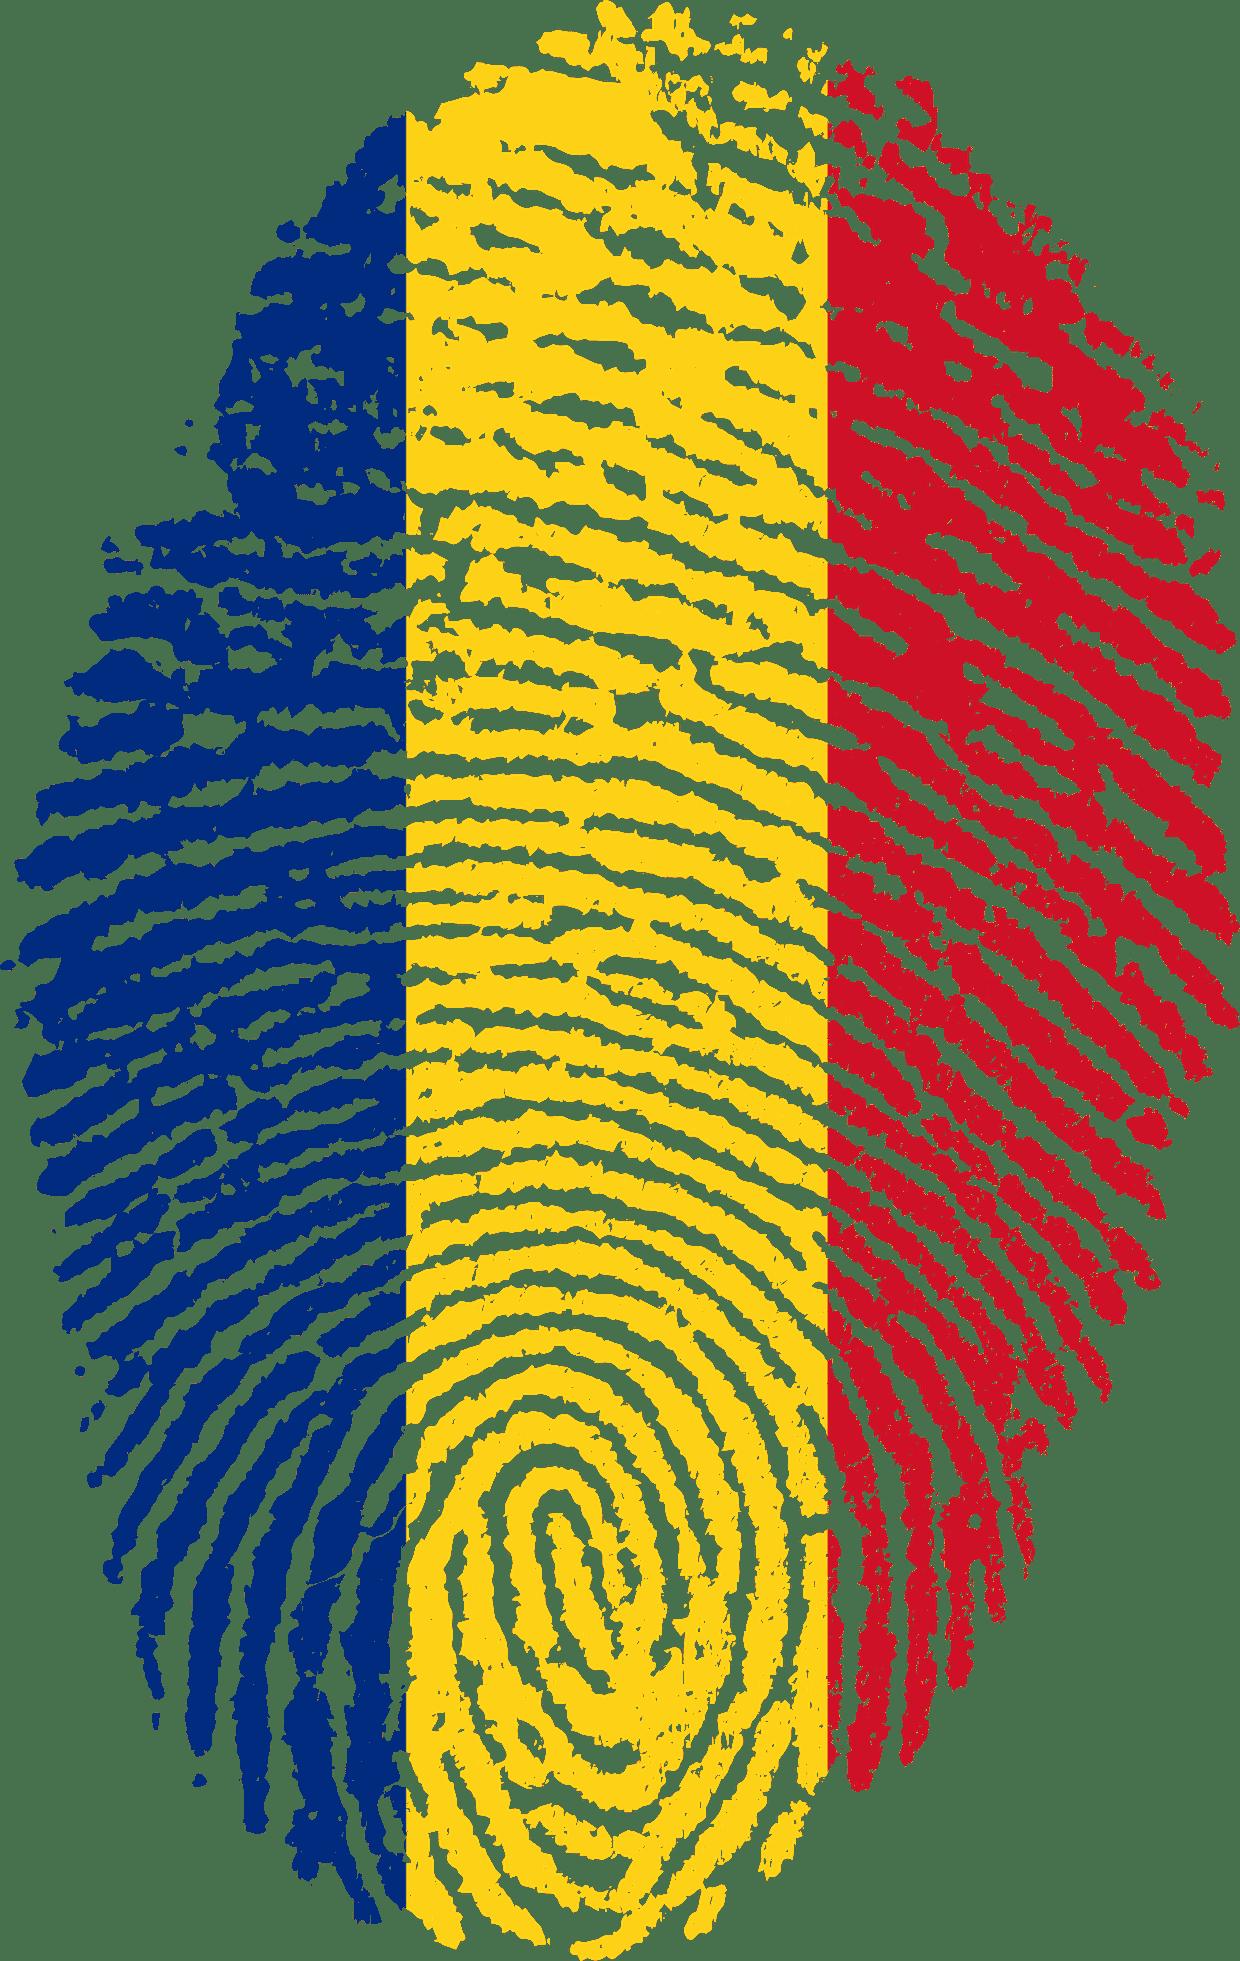 De ce nu e România cea mai tare țară din lume cover image